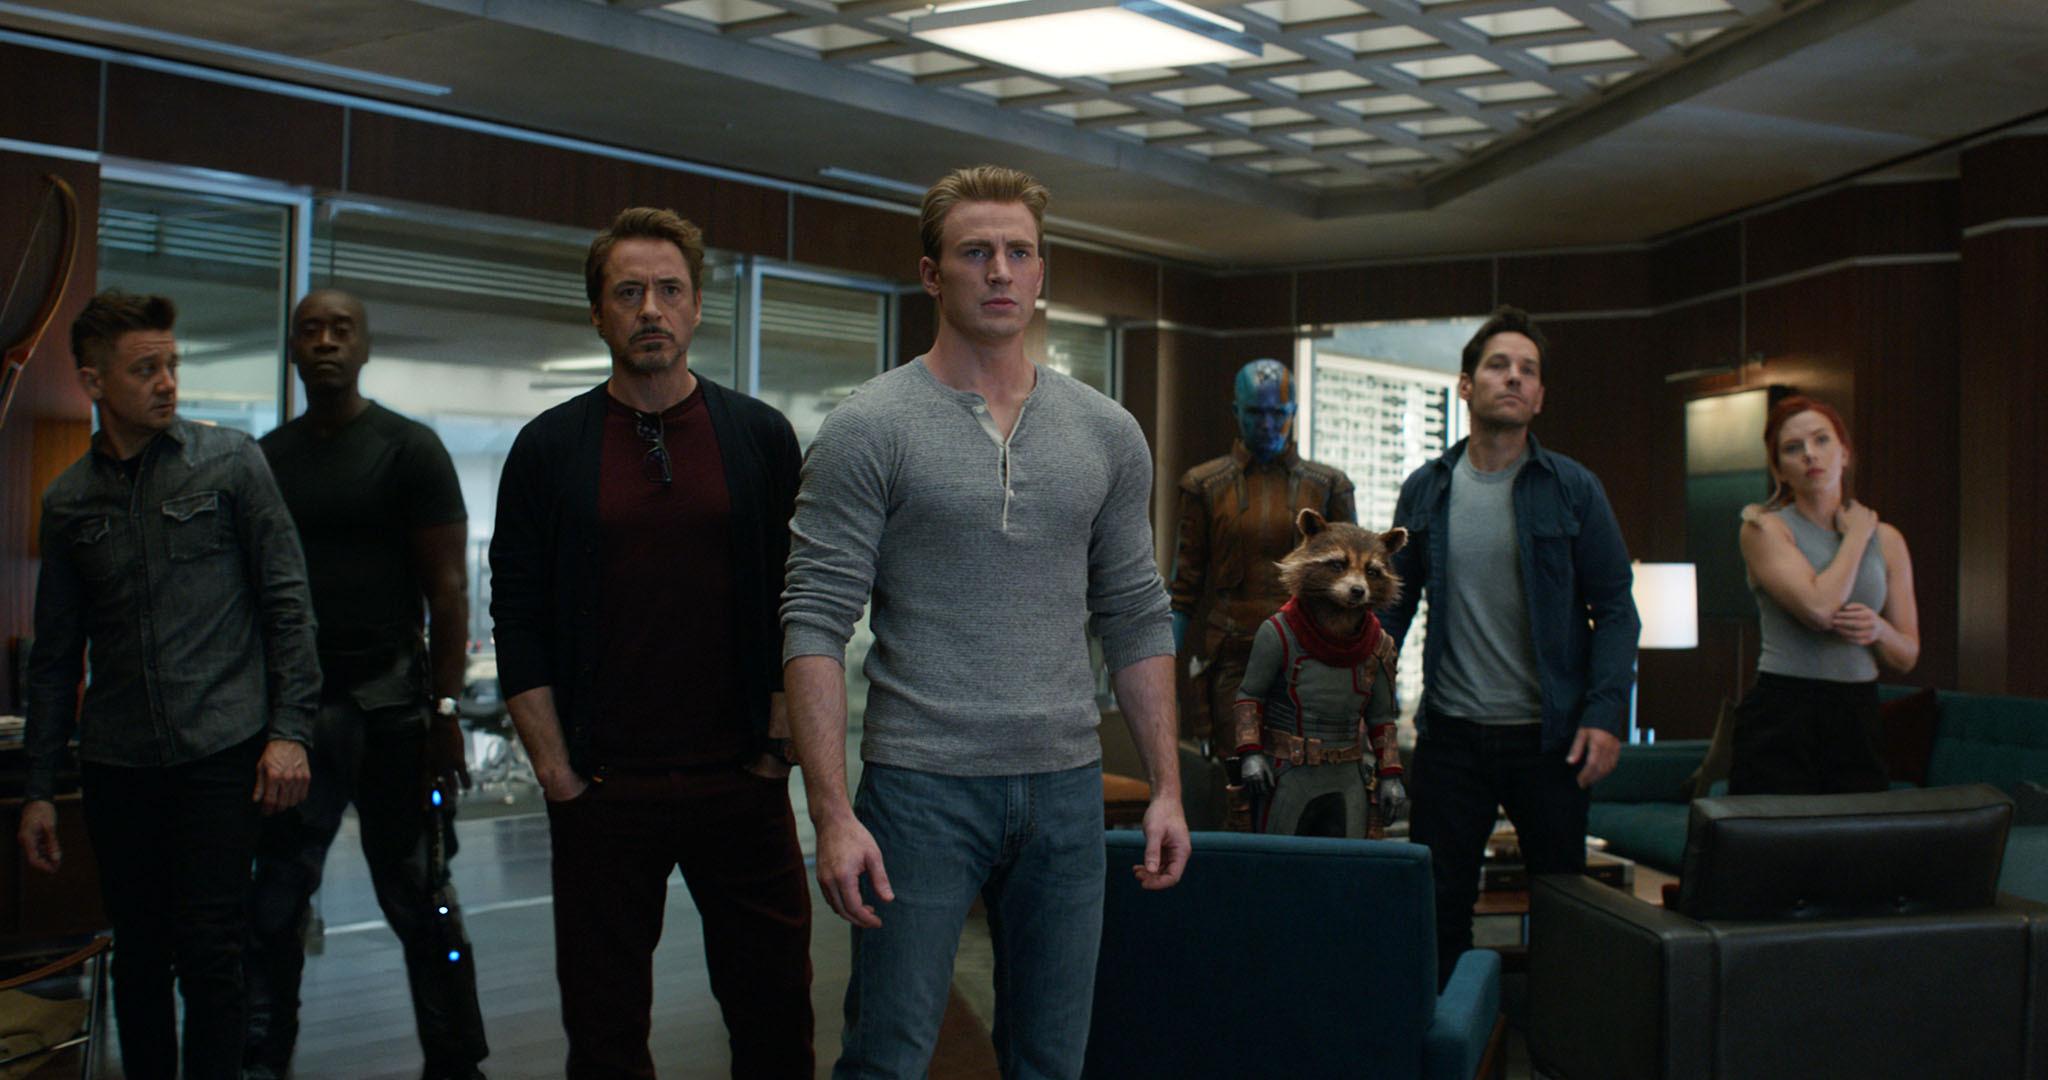 Film-Avengers_Endgame_64750-159532.jpg61799450